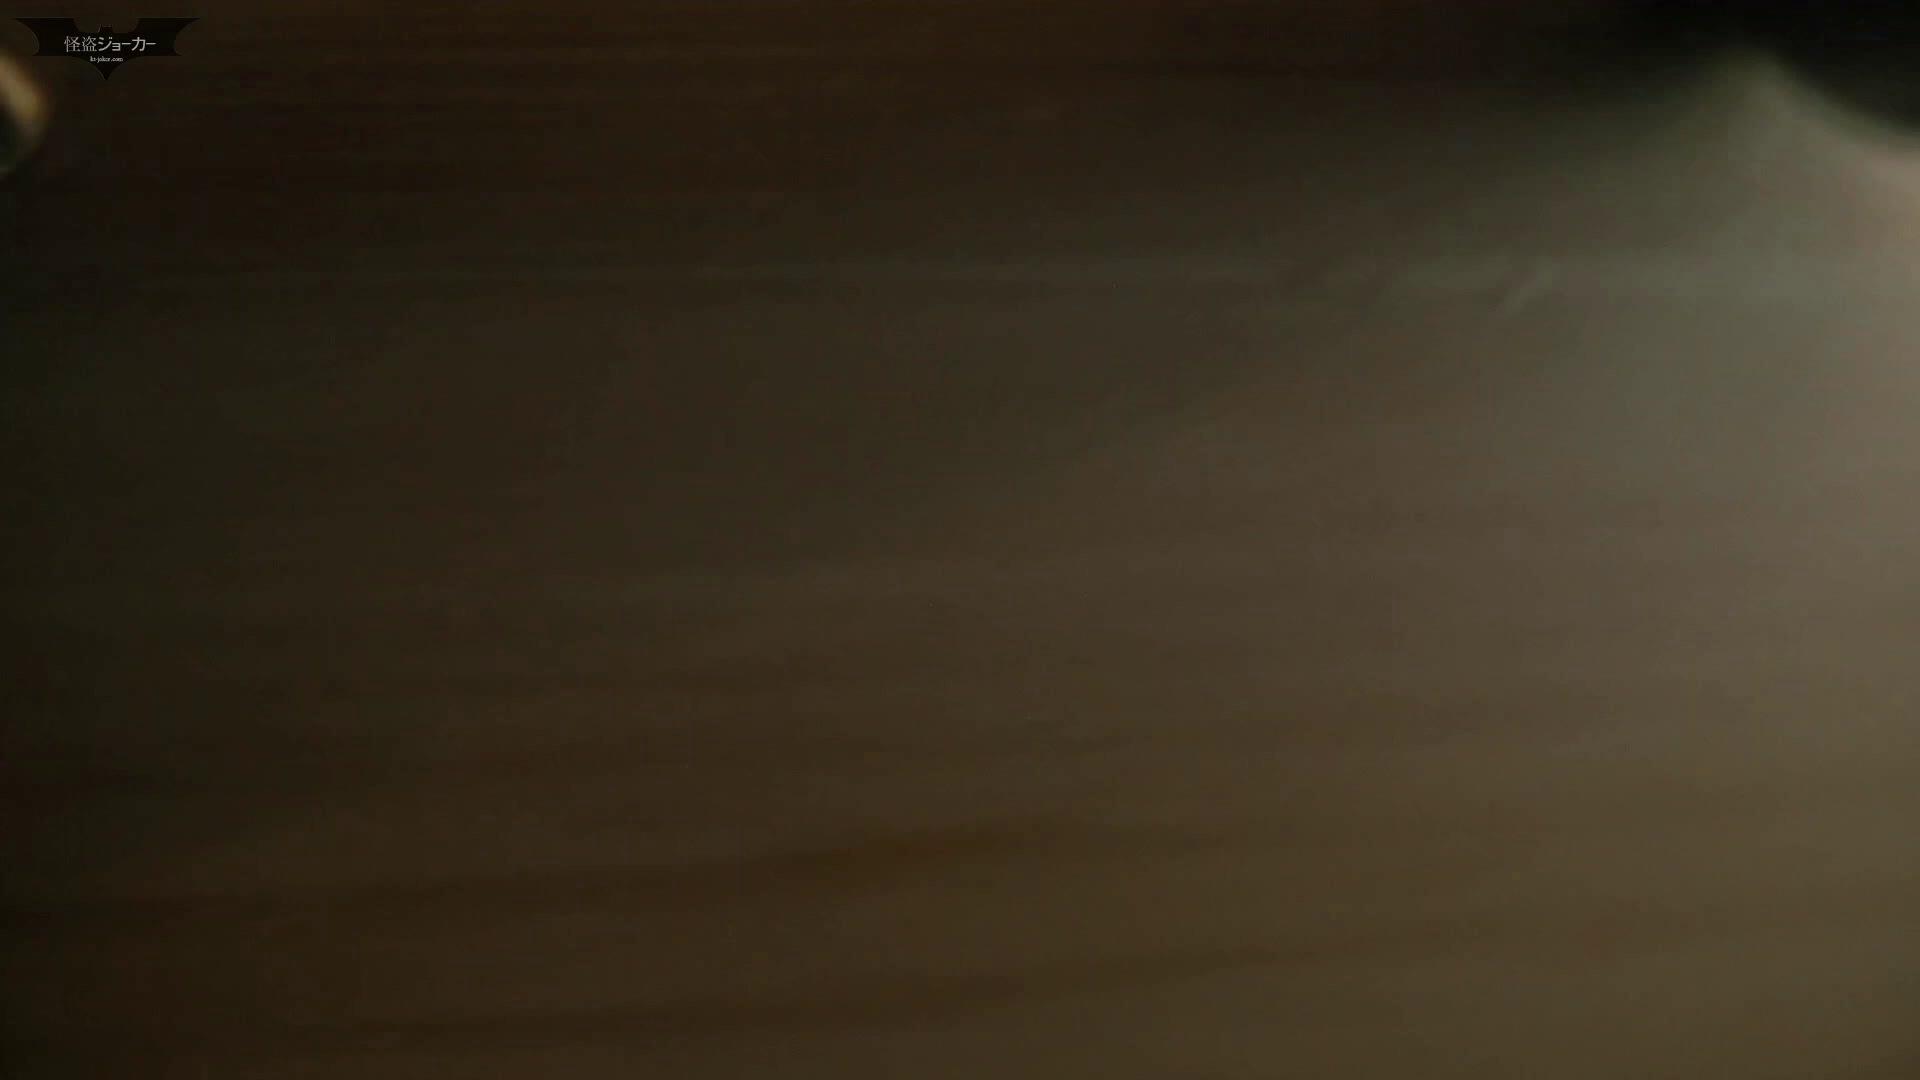 阿国ちゃんの和式洋式七変化 Vol.26 女子会開催でJD大集合! 和式 盗撮 89PIX 82